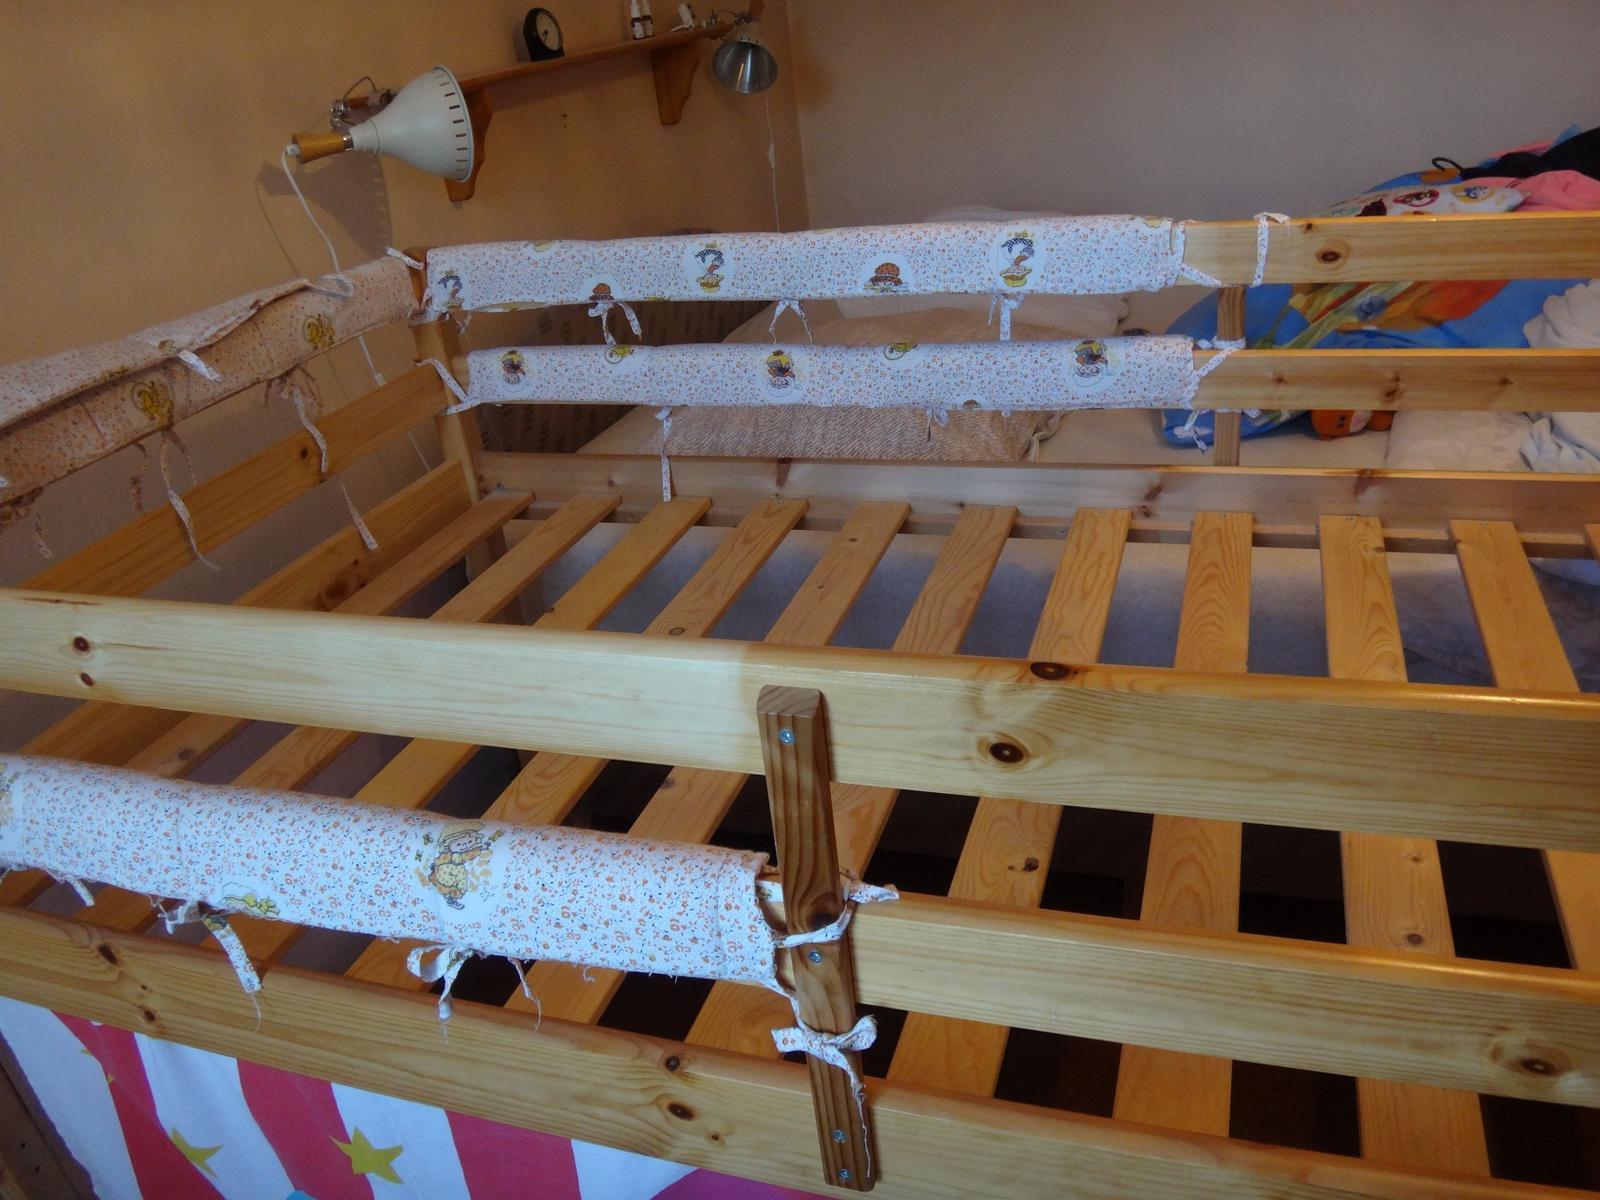 drevená vyvýšená posteľ s bunkrom - Obrázok č. 4